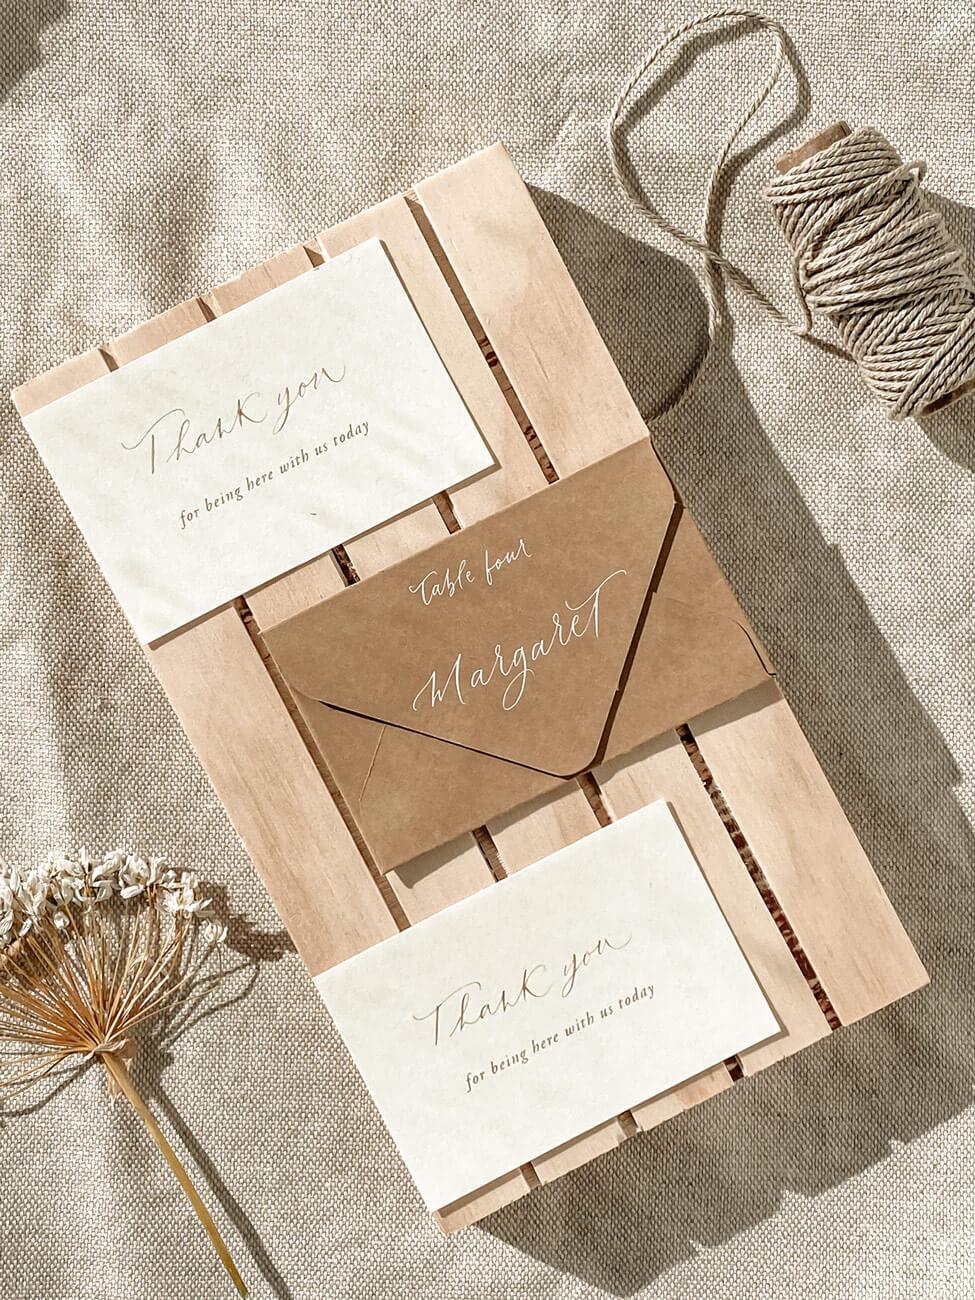 https://www.robertafucci.it/wp-content/uploads/2021/10/roberta-fucci-calligrafa-puglia-andria-wedding-inviti-invitations-fatti-a-mano-romantici.jpg